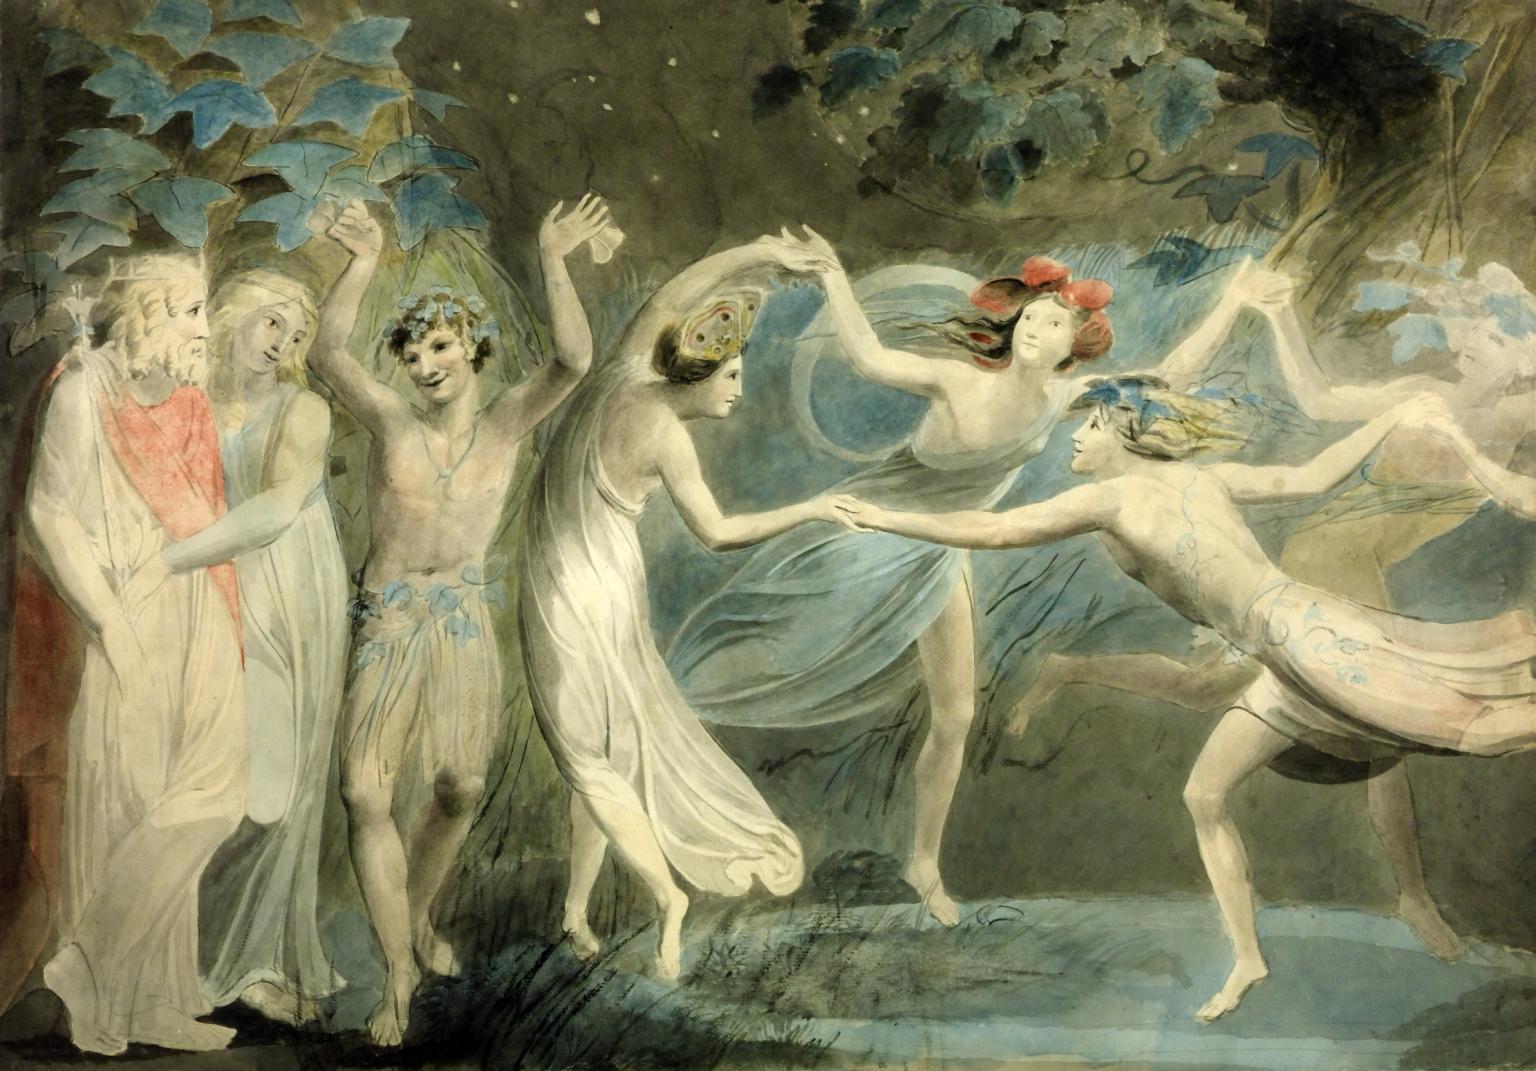 Blake's Midsummer Night's Dream